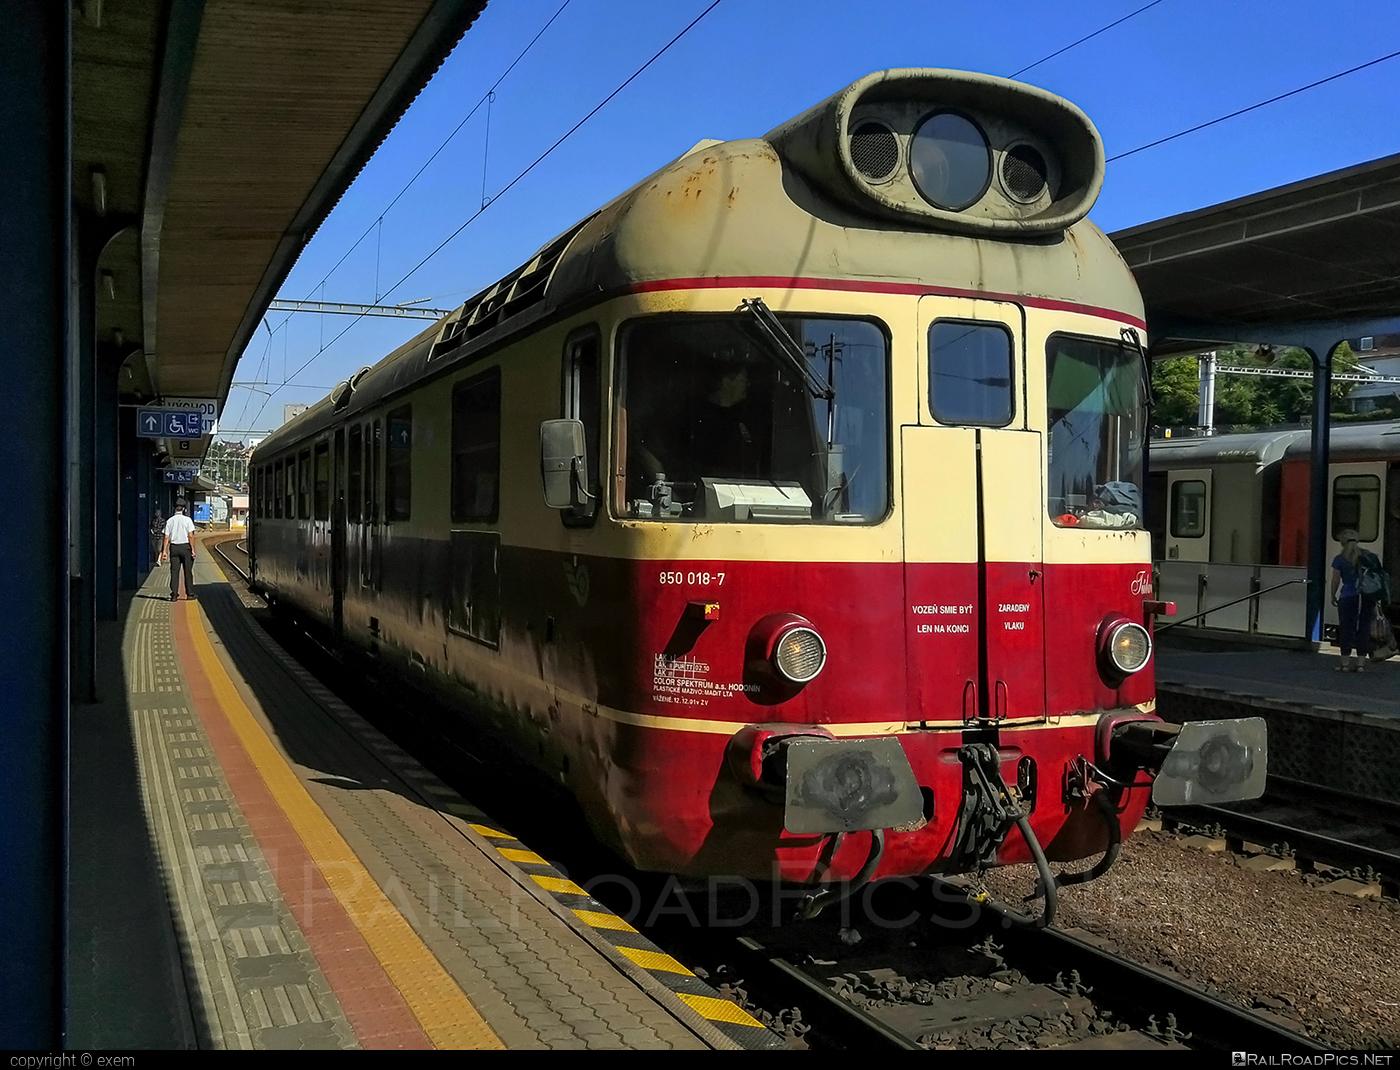 Vagónka TATRA Studénka M 286.0 - 850 018-7 operated by Železnice Slovenskej Republiky #csd850 #csdm286 #m286 #vagonkastudenka #vagonkatatrastudenka #zelezniceslovenskejrepubliky #zsr